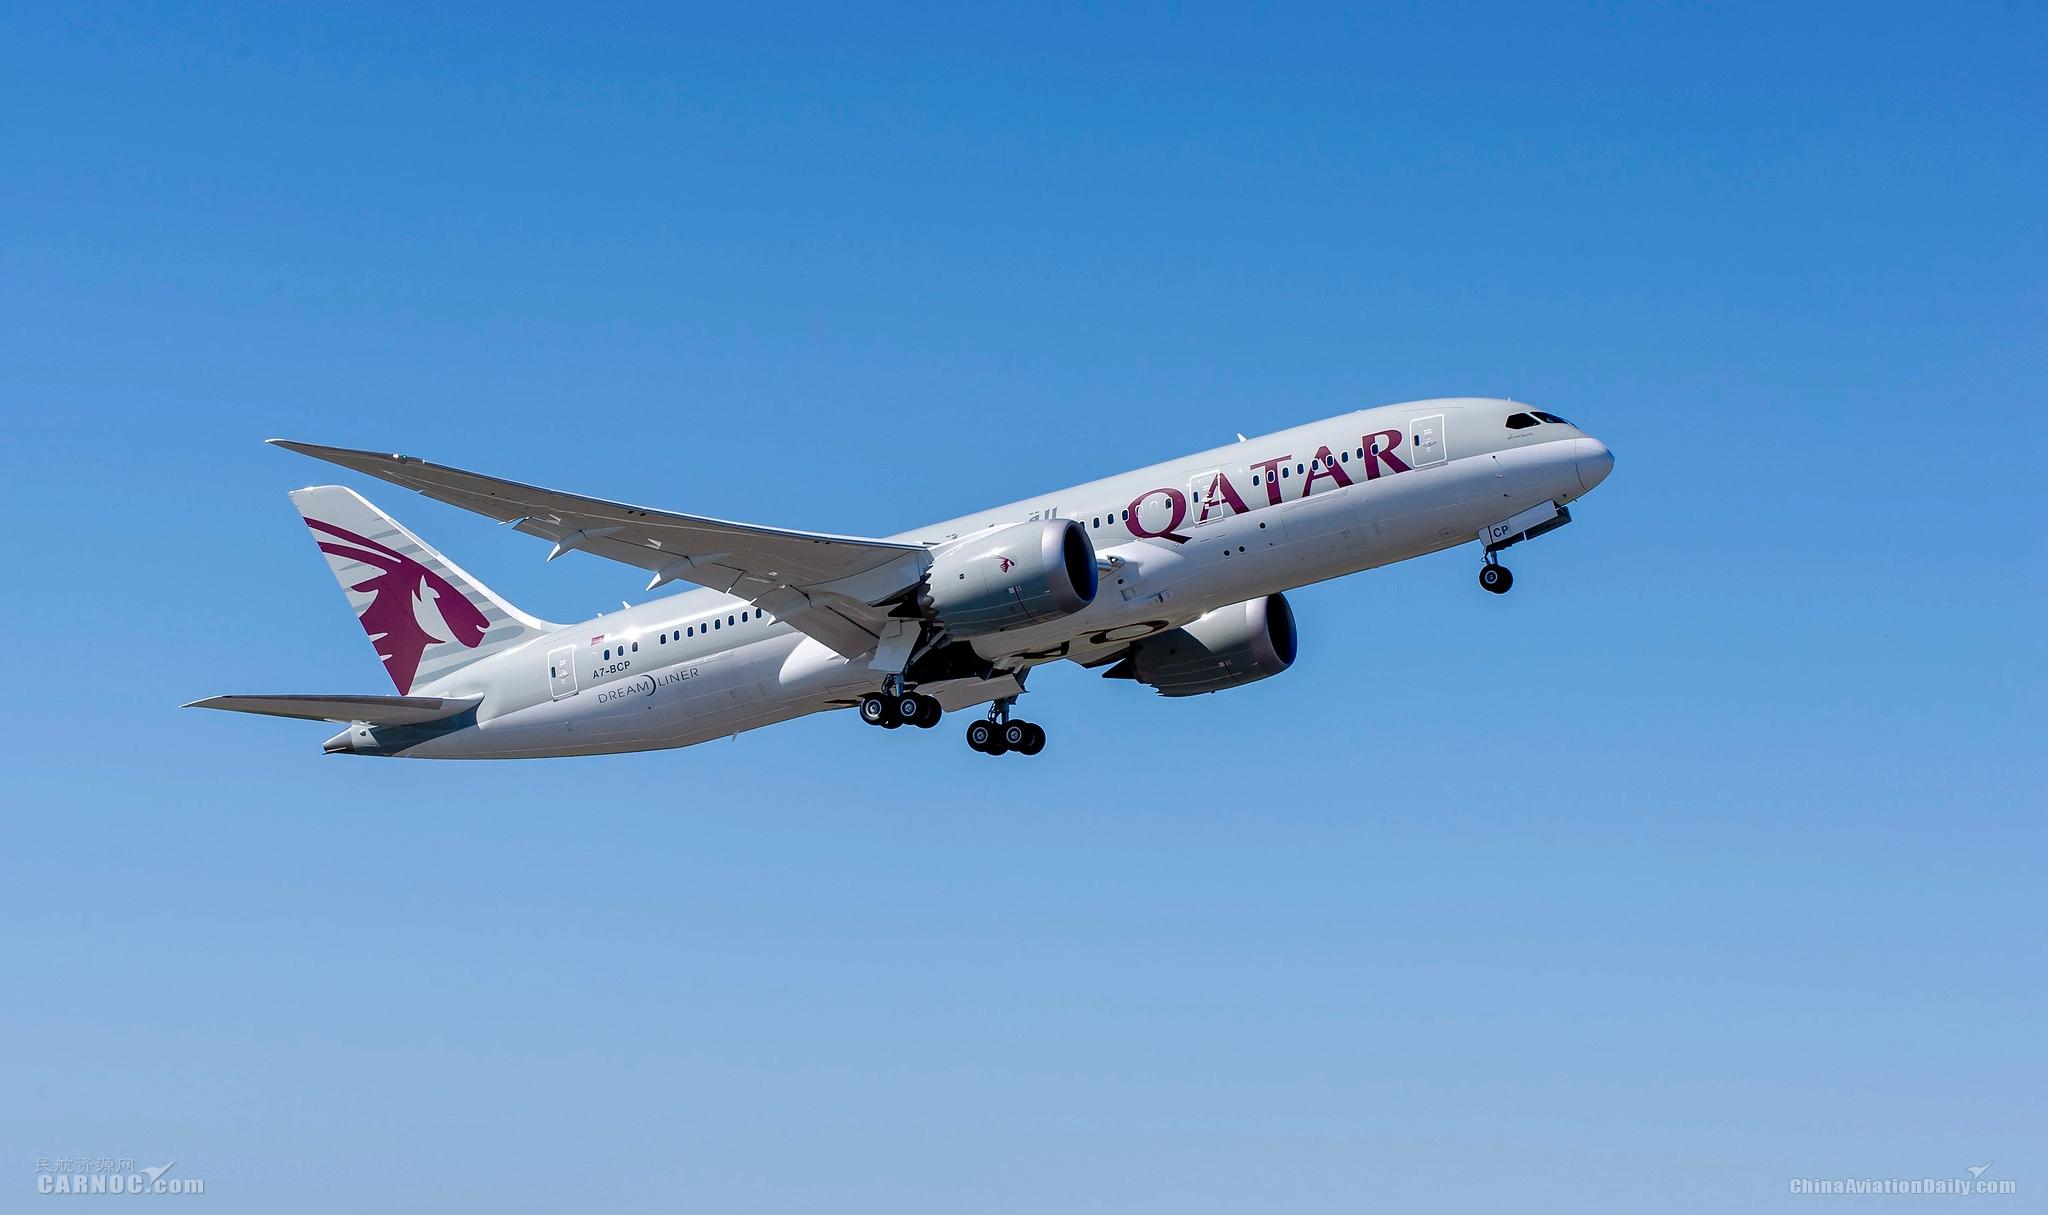 卡塔尔航空加快全球复航速度 协助建设空中丝绸之路